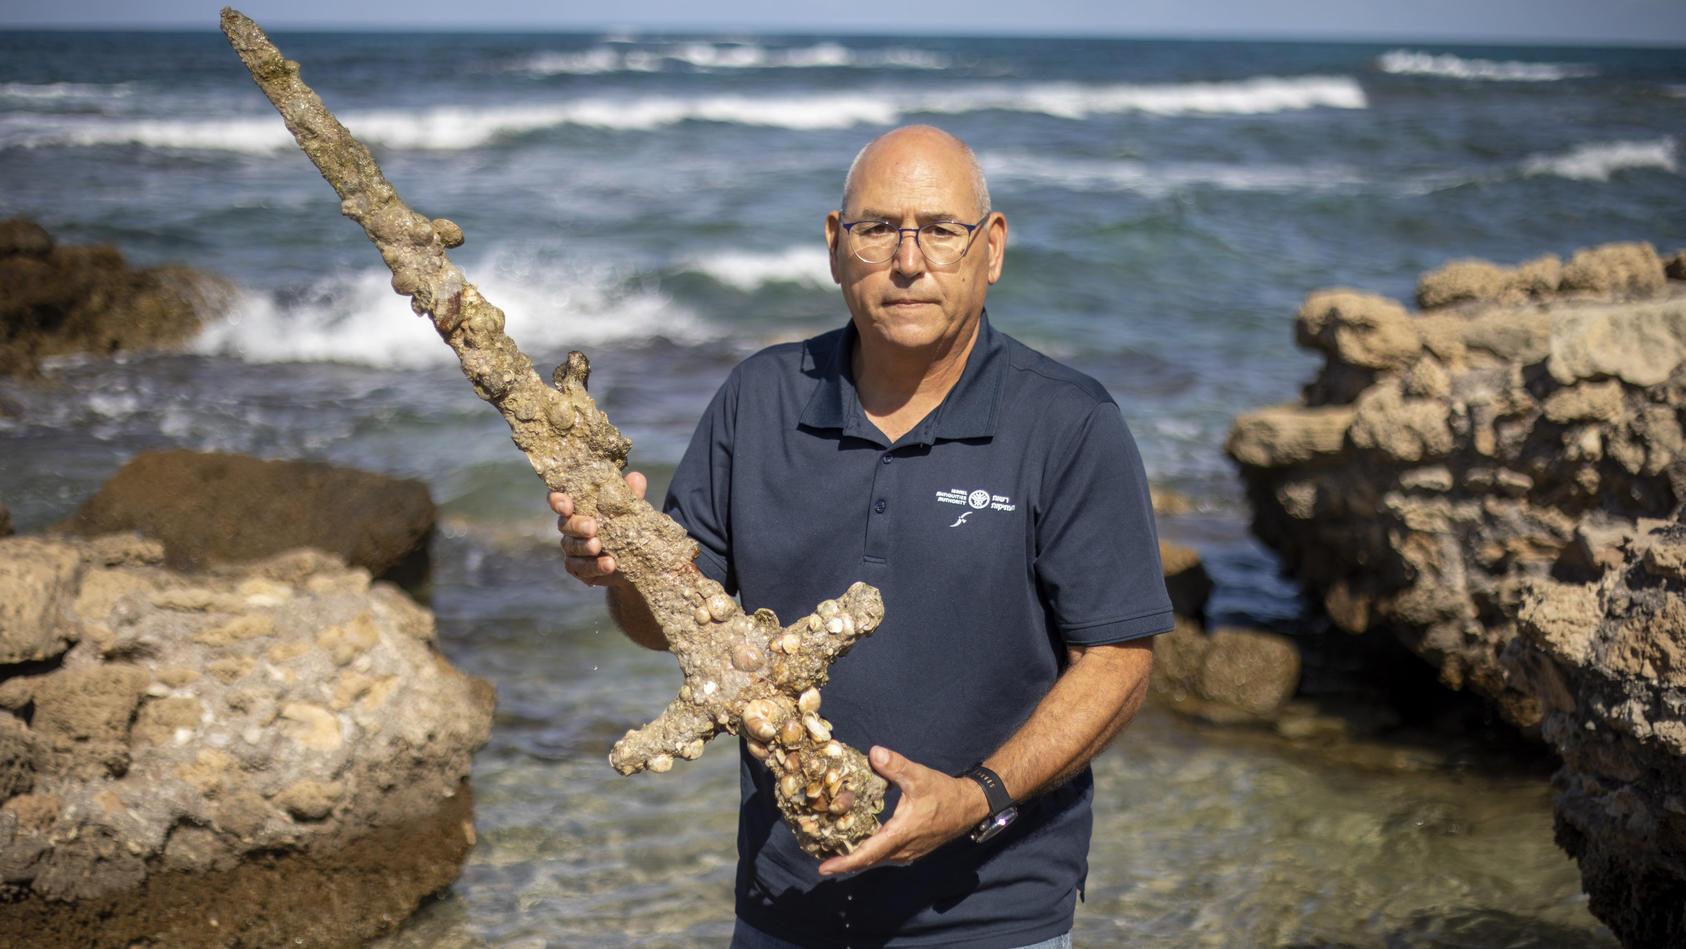 zufallsfund-in-israel-taucher-findet-900-jahre-altes-schwert